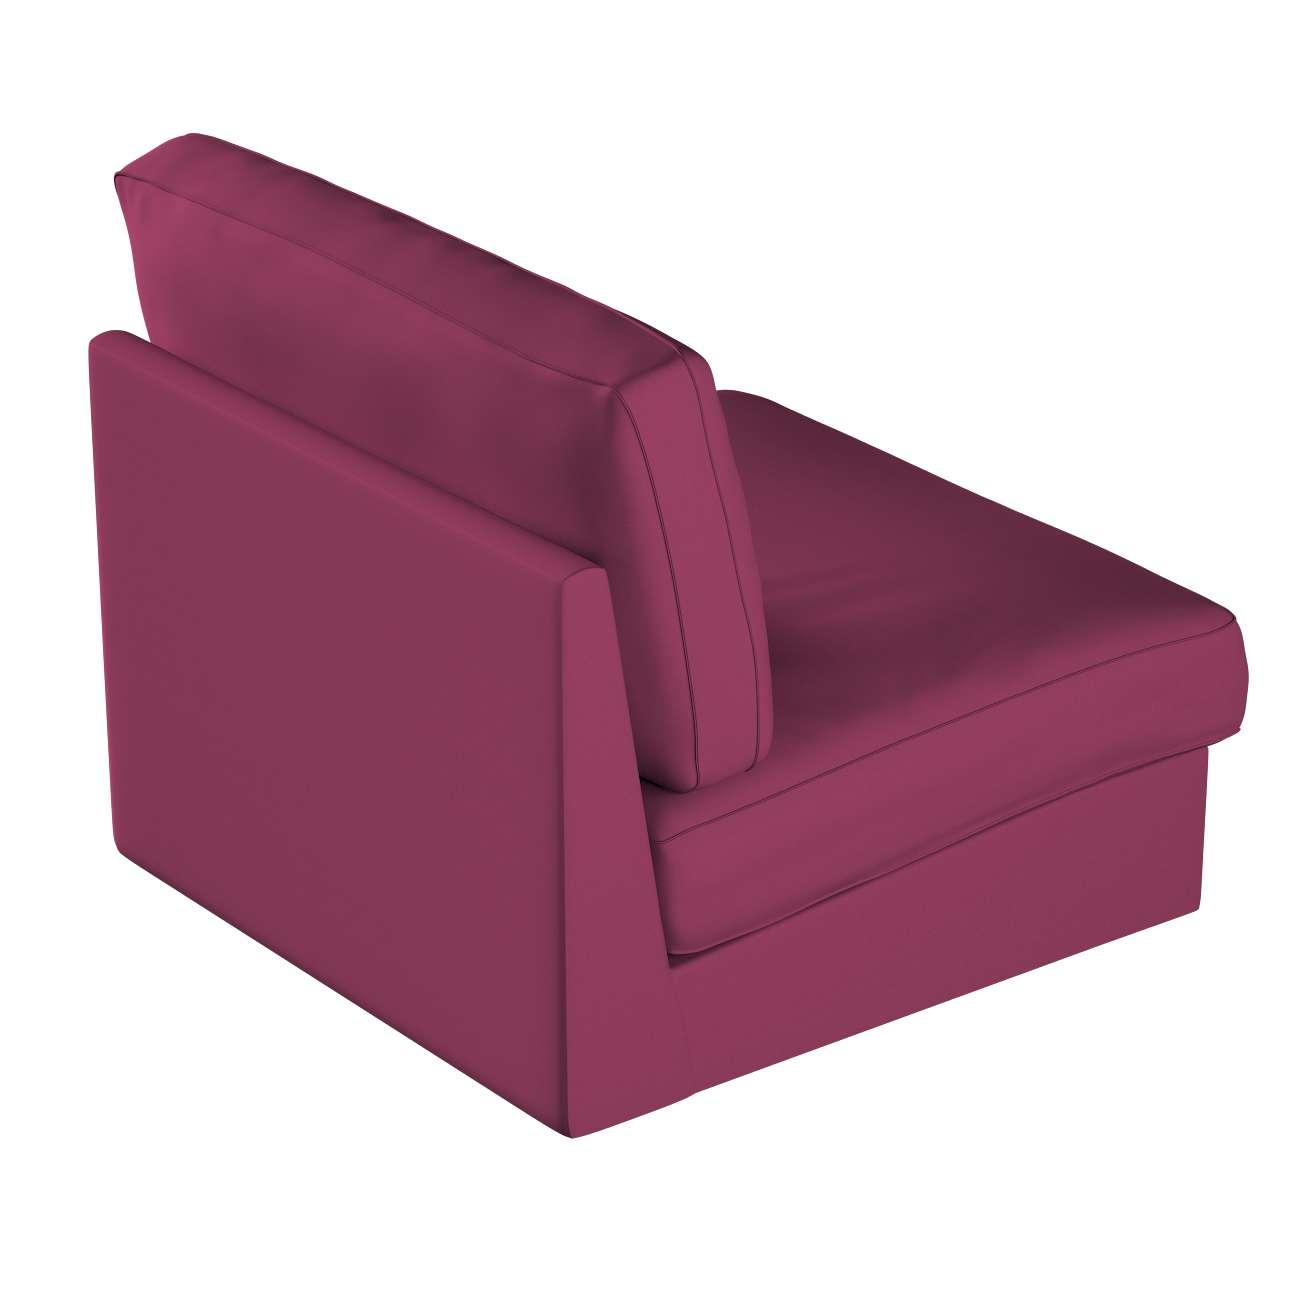 KIVIK fotelio/vienvietės dalies užvalkalas kolekcijoje Cotton Panama, audinys: 702-32